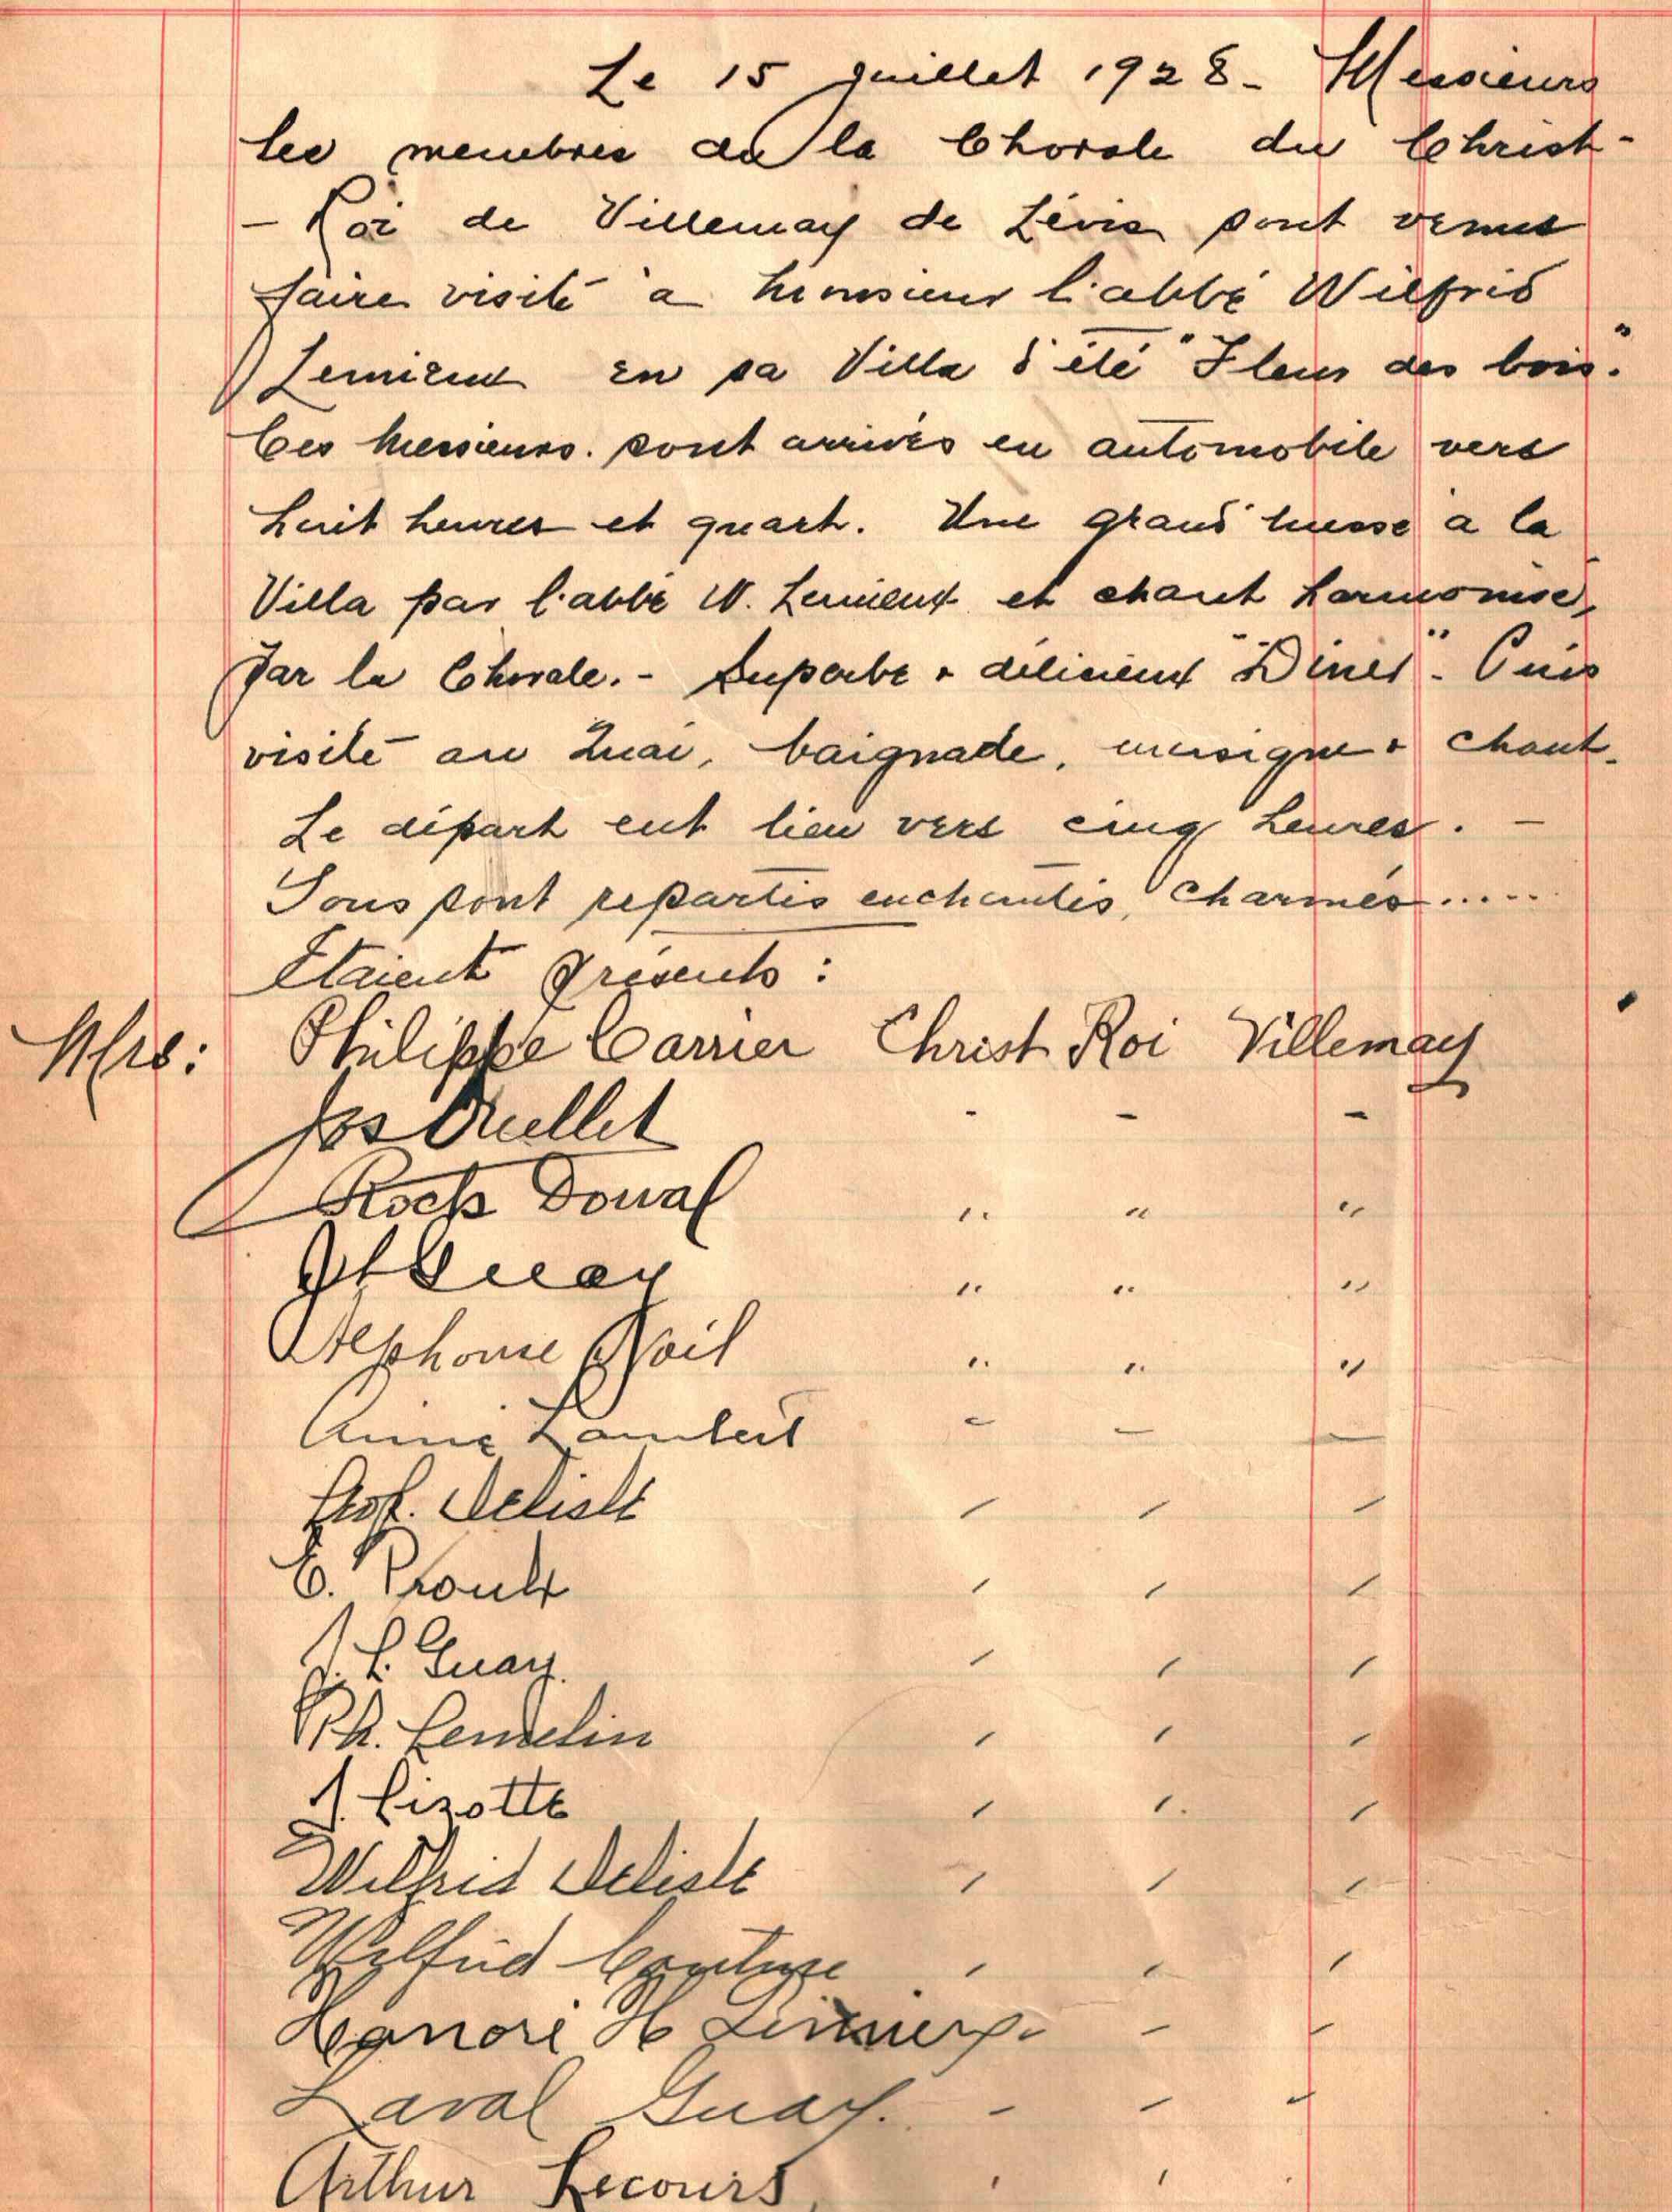 Texte rédigé à la plume sur une feuille lignée jaunie par le temps.